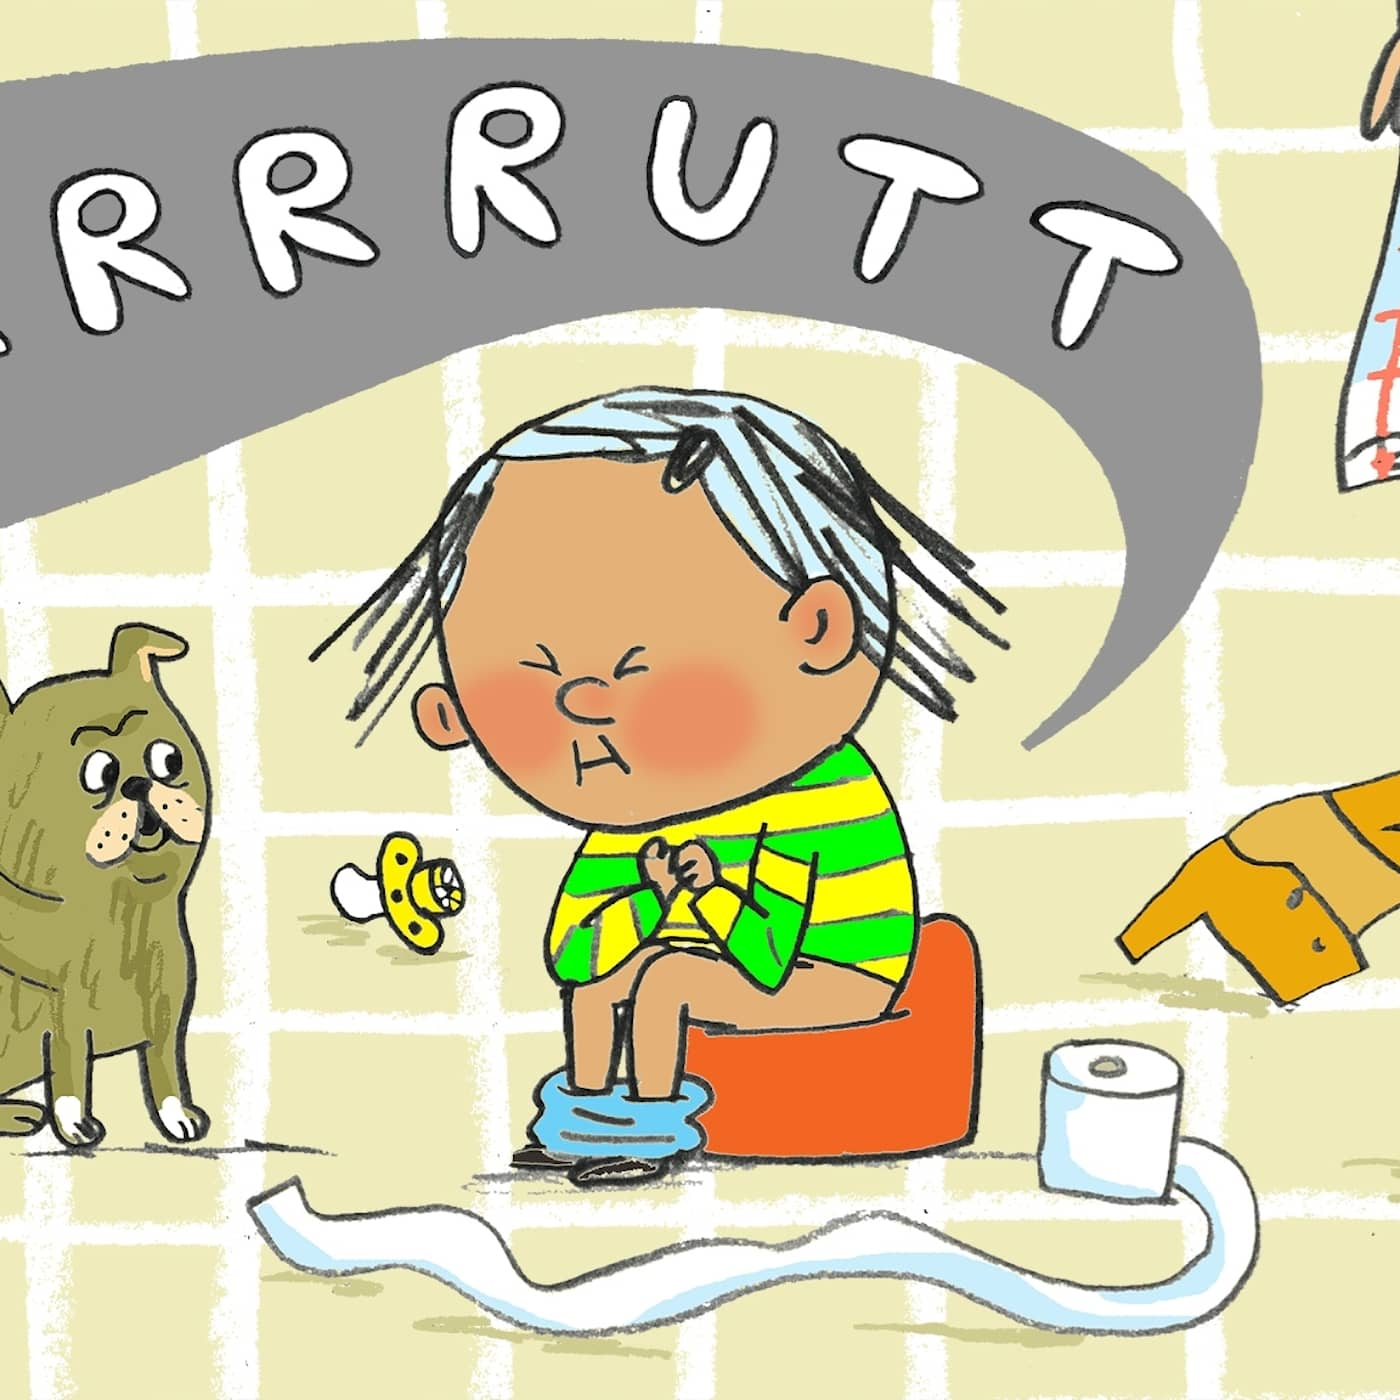 Prrrrutt